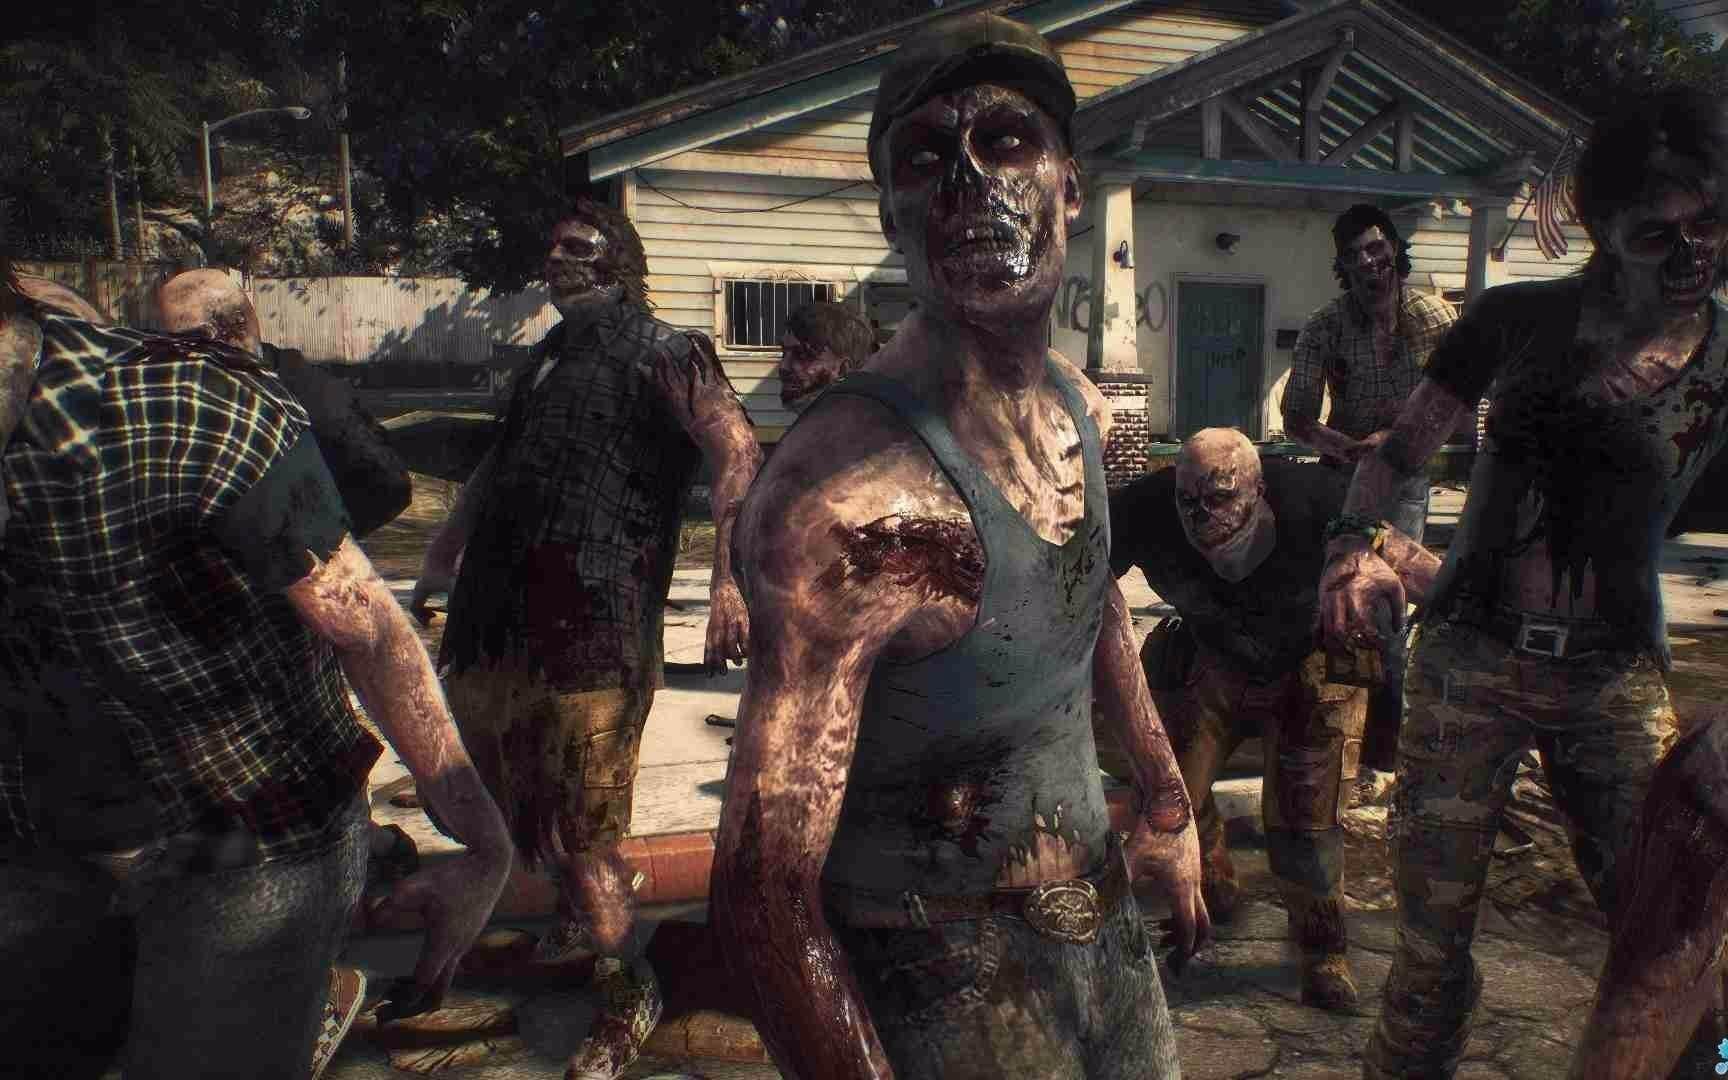 呢个有四个人打僵尸的呢个游戏叫什么?